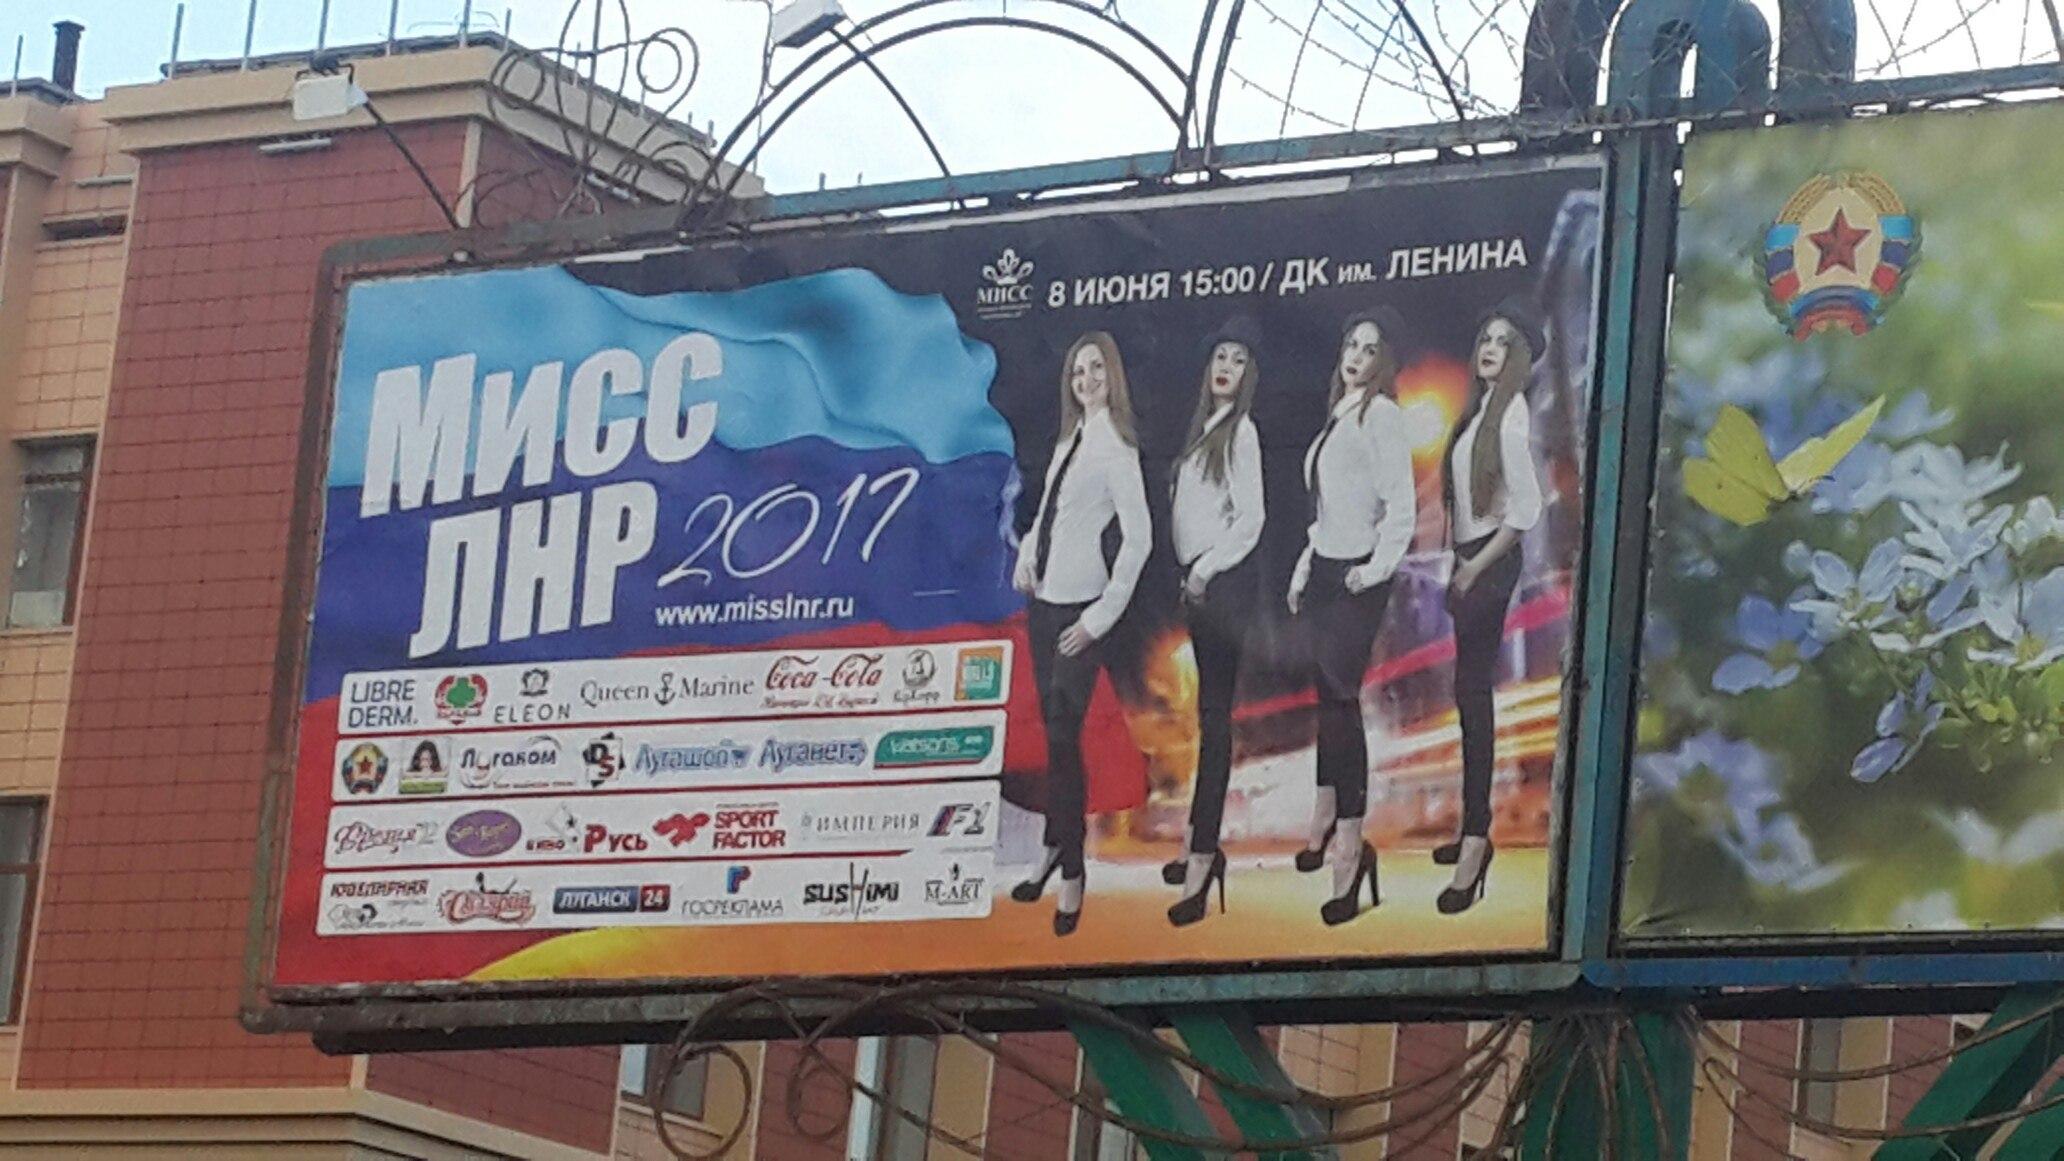 луганск, лнр, конкурс красоты, мисс лнр, видео, новости украины